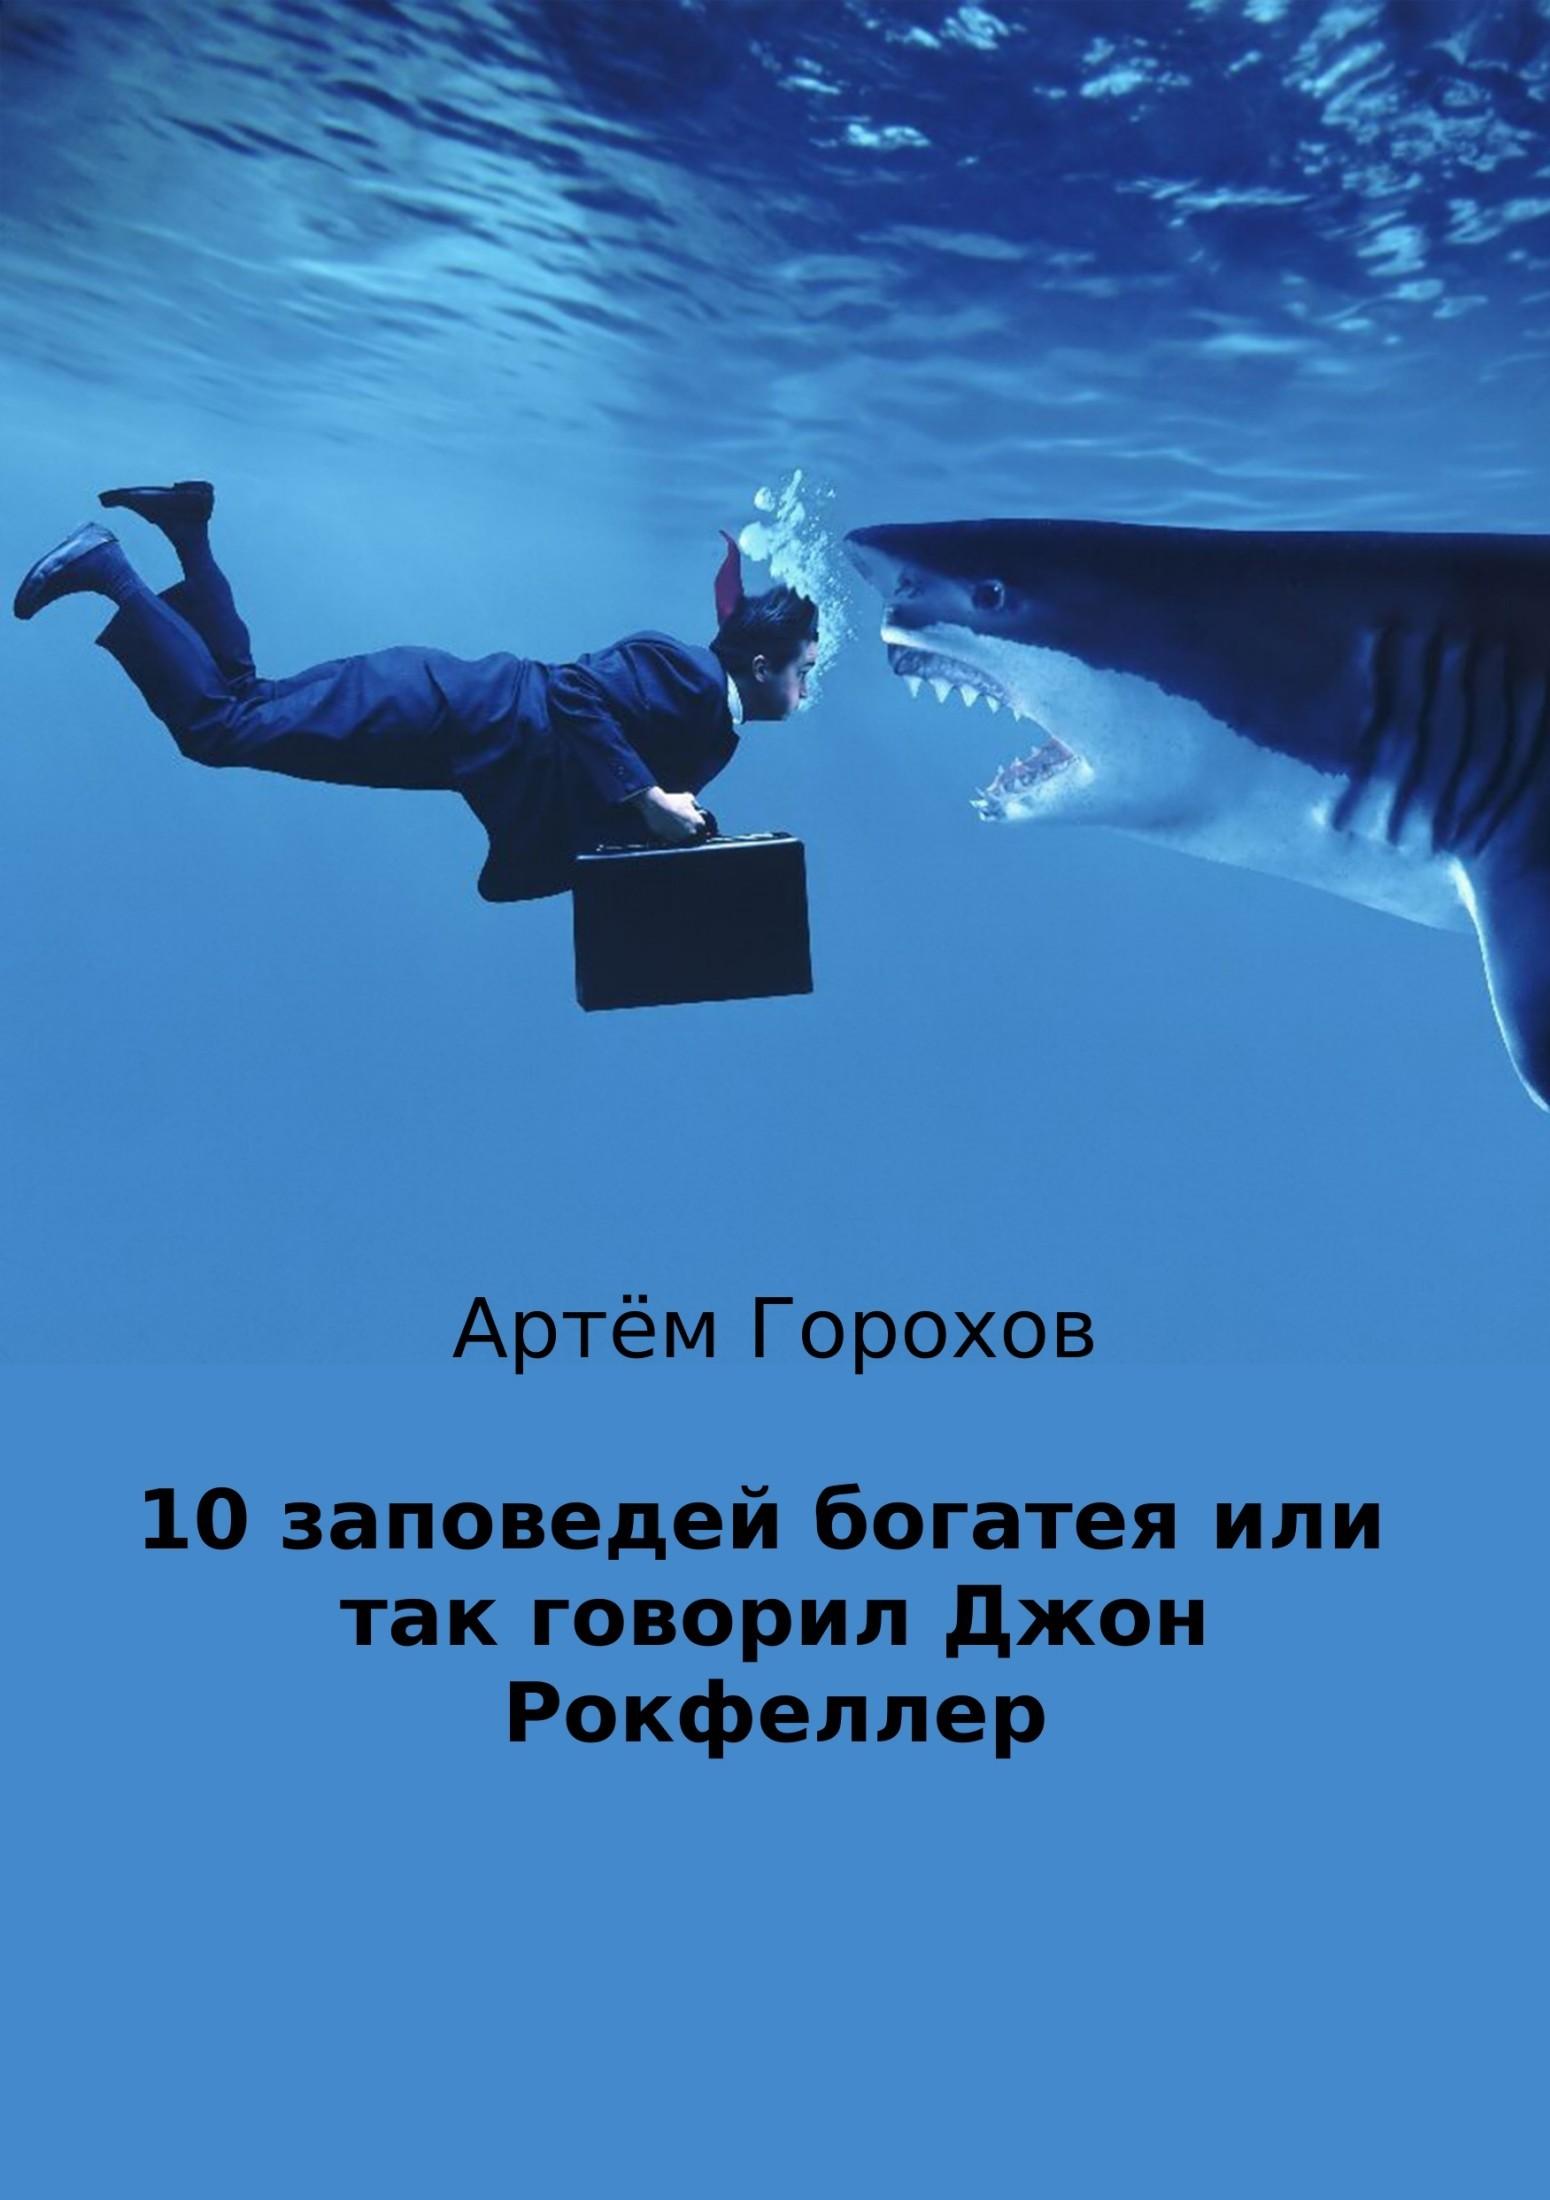 10 заповедей богатея, или Так говорил Джон Рокфеллер